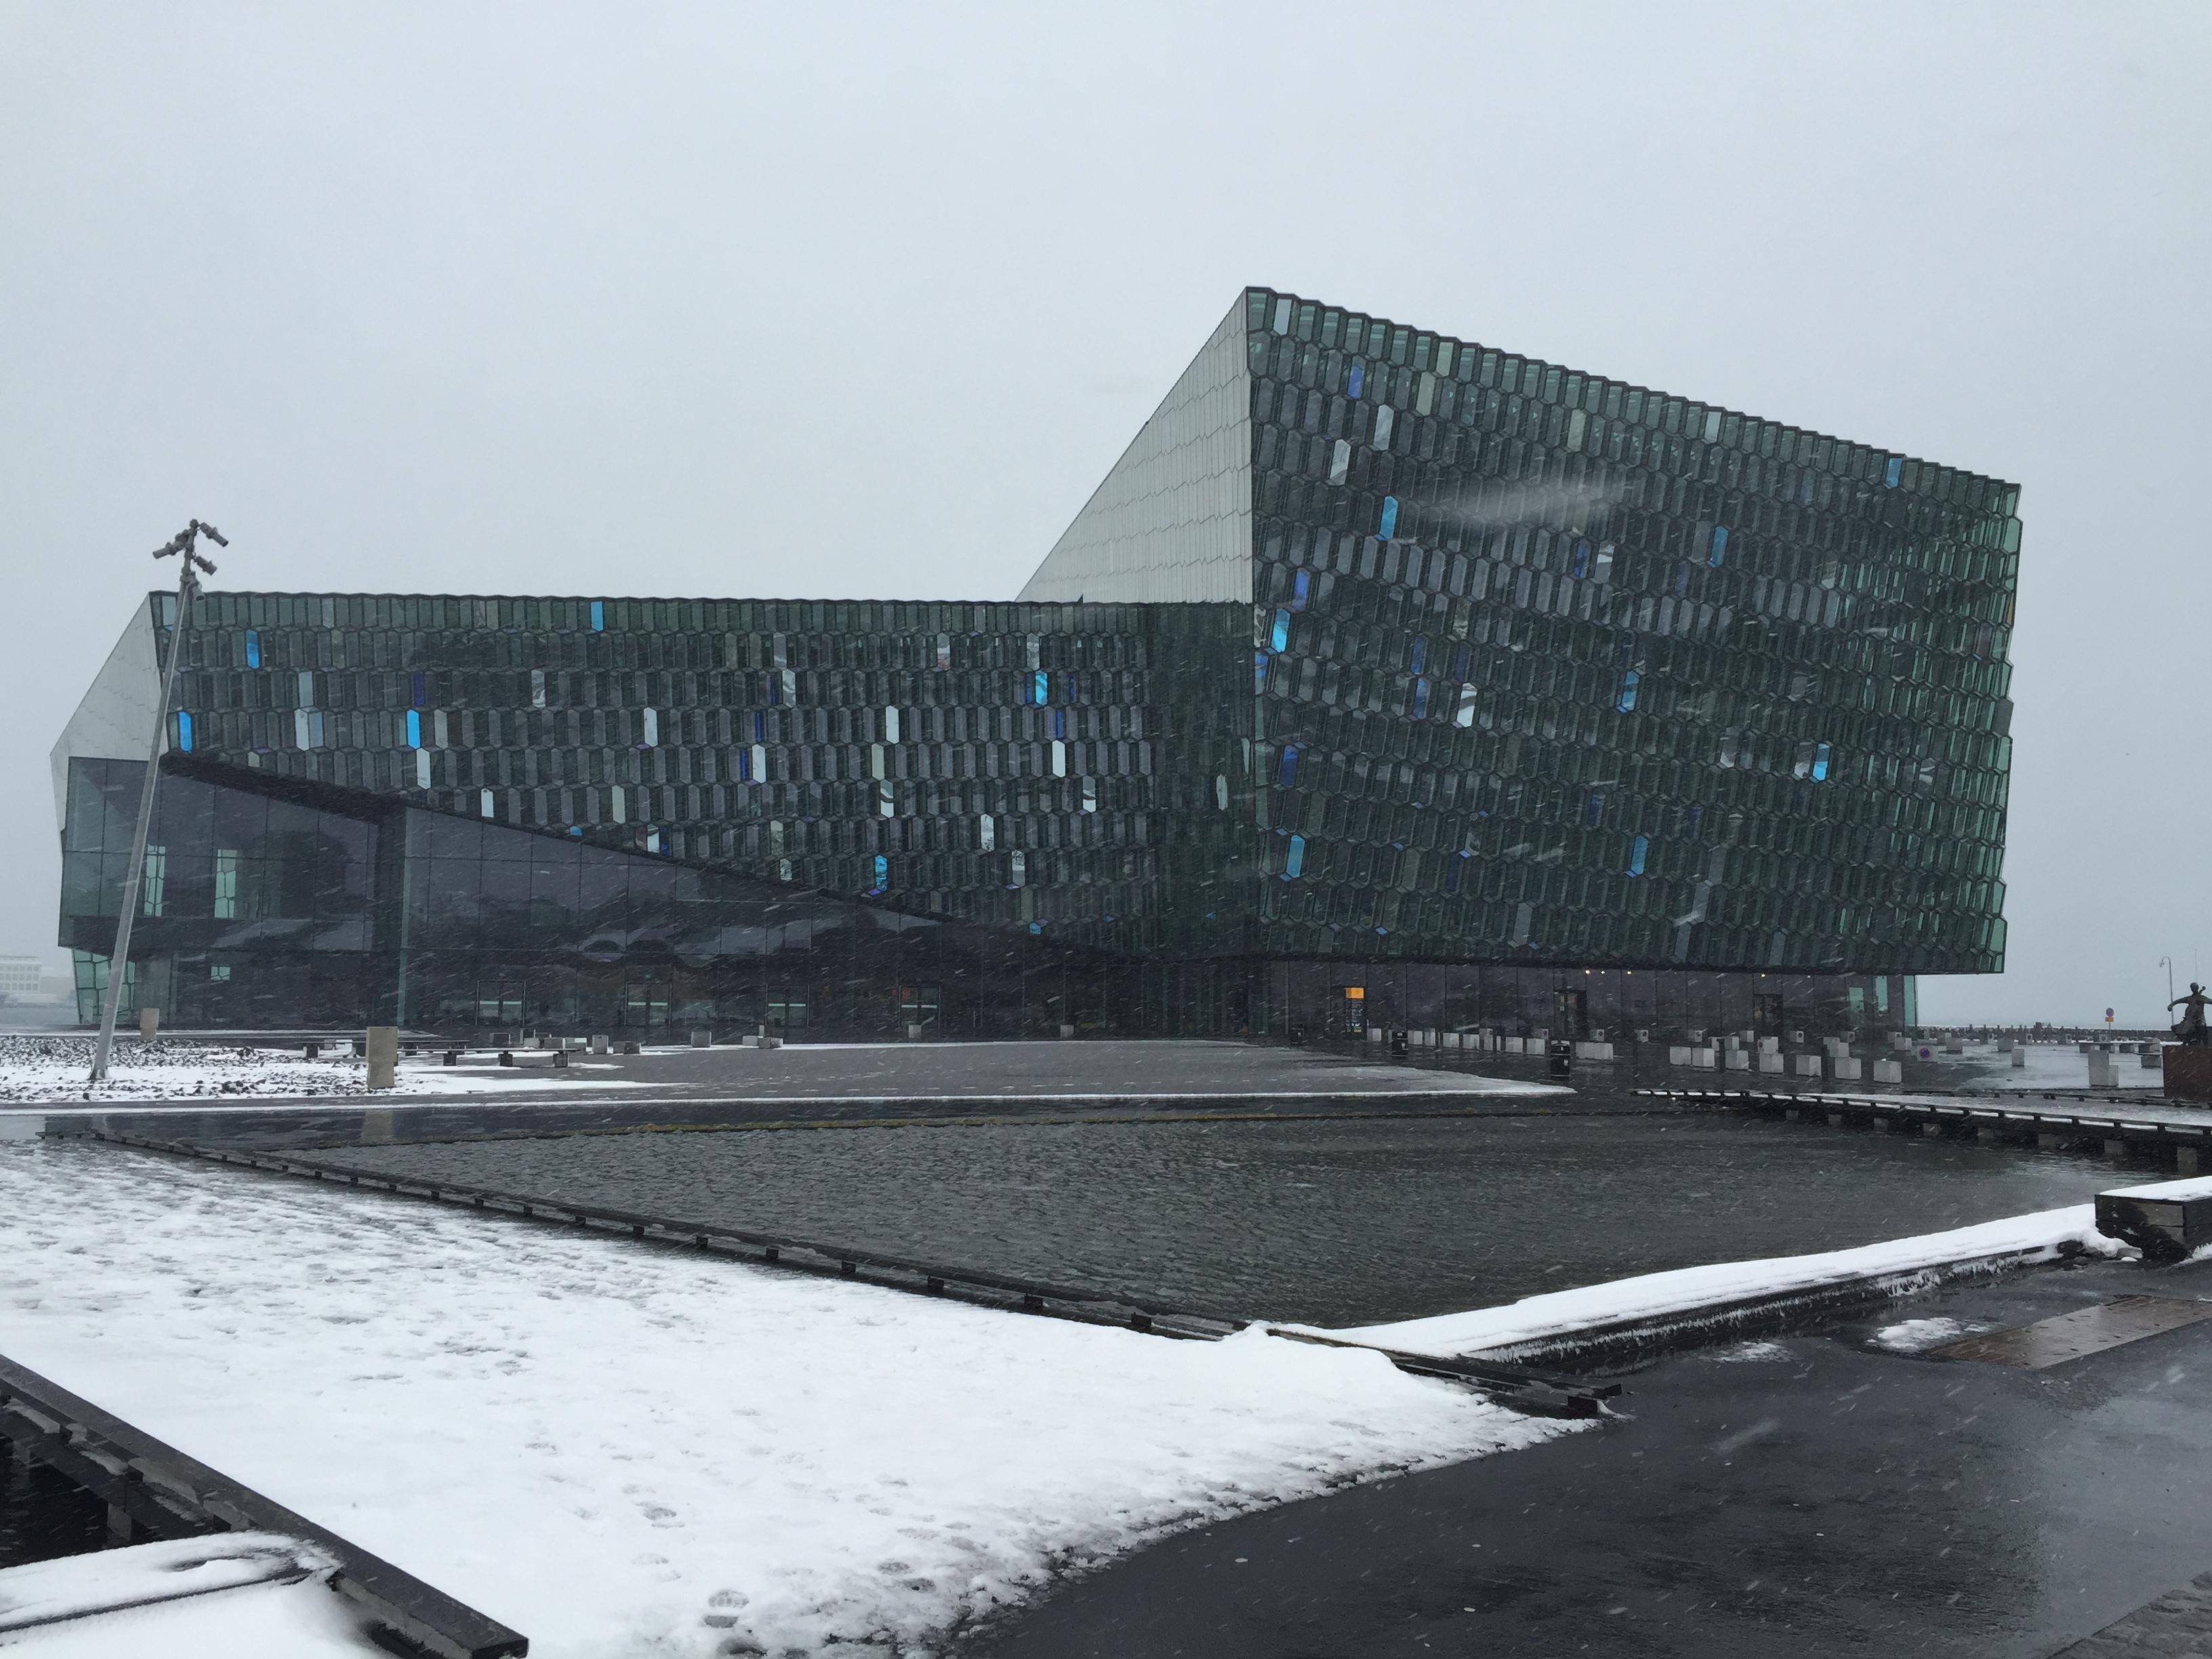 Stadtrundgang durch Reykjavik